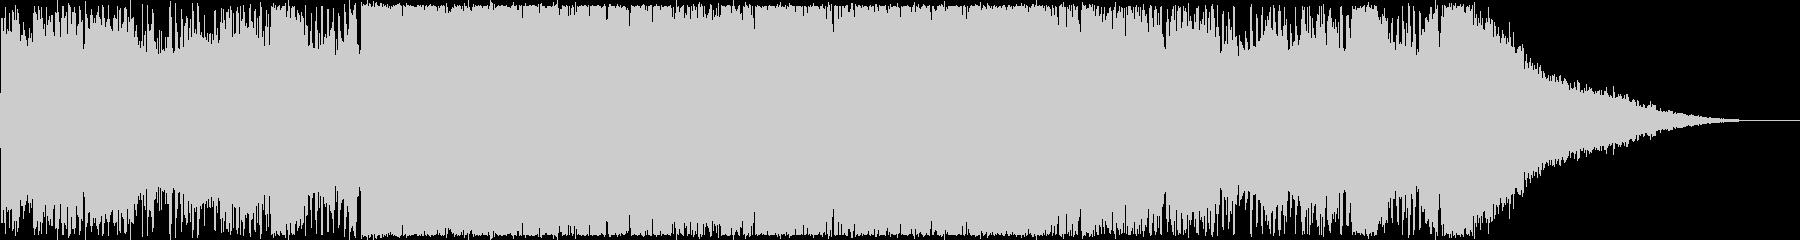 CM・おしゃれなトロピカルハウスの未再生の波形